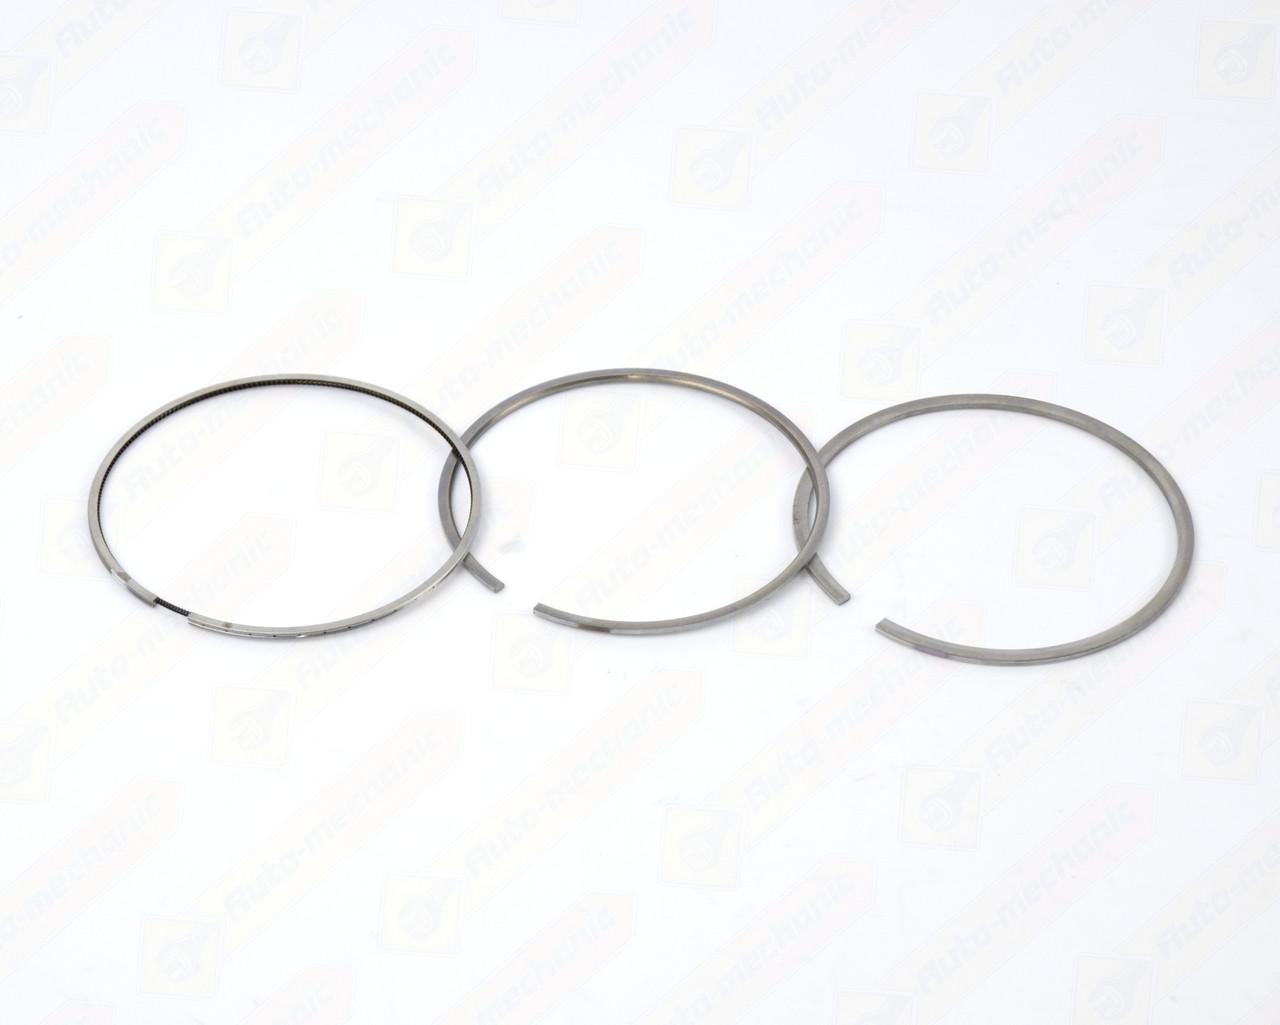 Комплект поршневих кілець на Renault Master III 2014-> 2.3 dCi - NE (Німеччина) - 120038002600